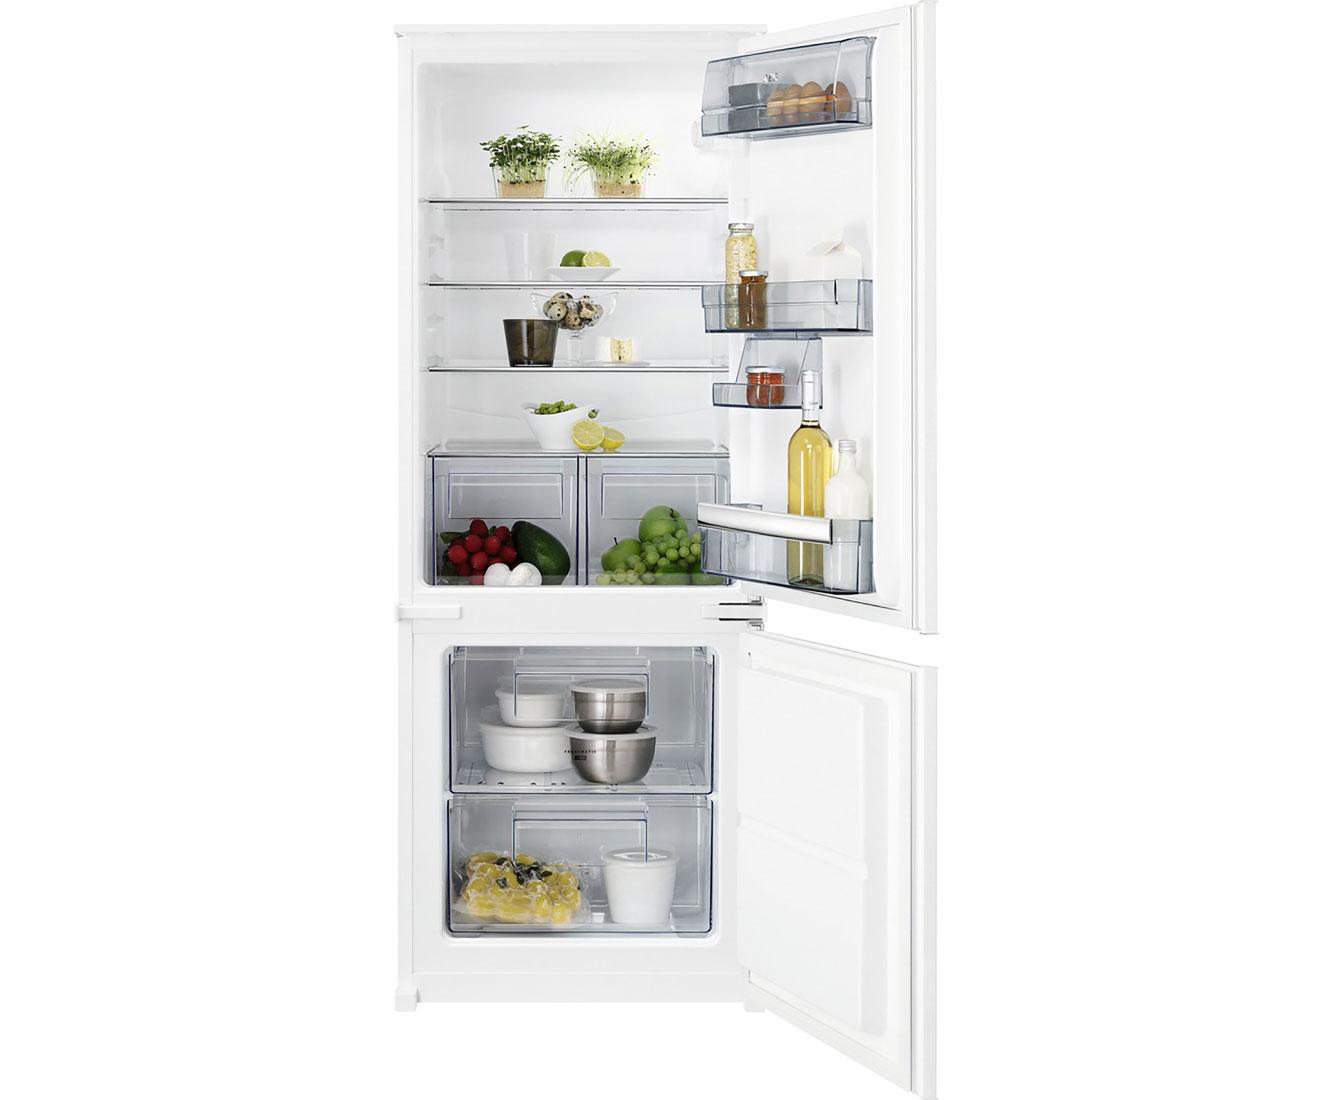 Aeg Santo Kühlschrank Ohne Gefrierfach Bedienungsanleitung : Aeg santo sca als einbau kühl gefrierkombination er nische